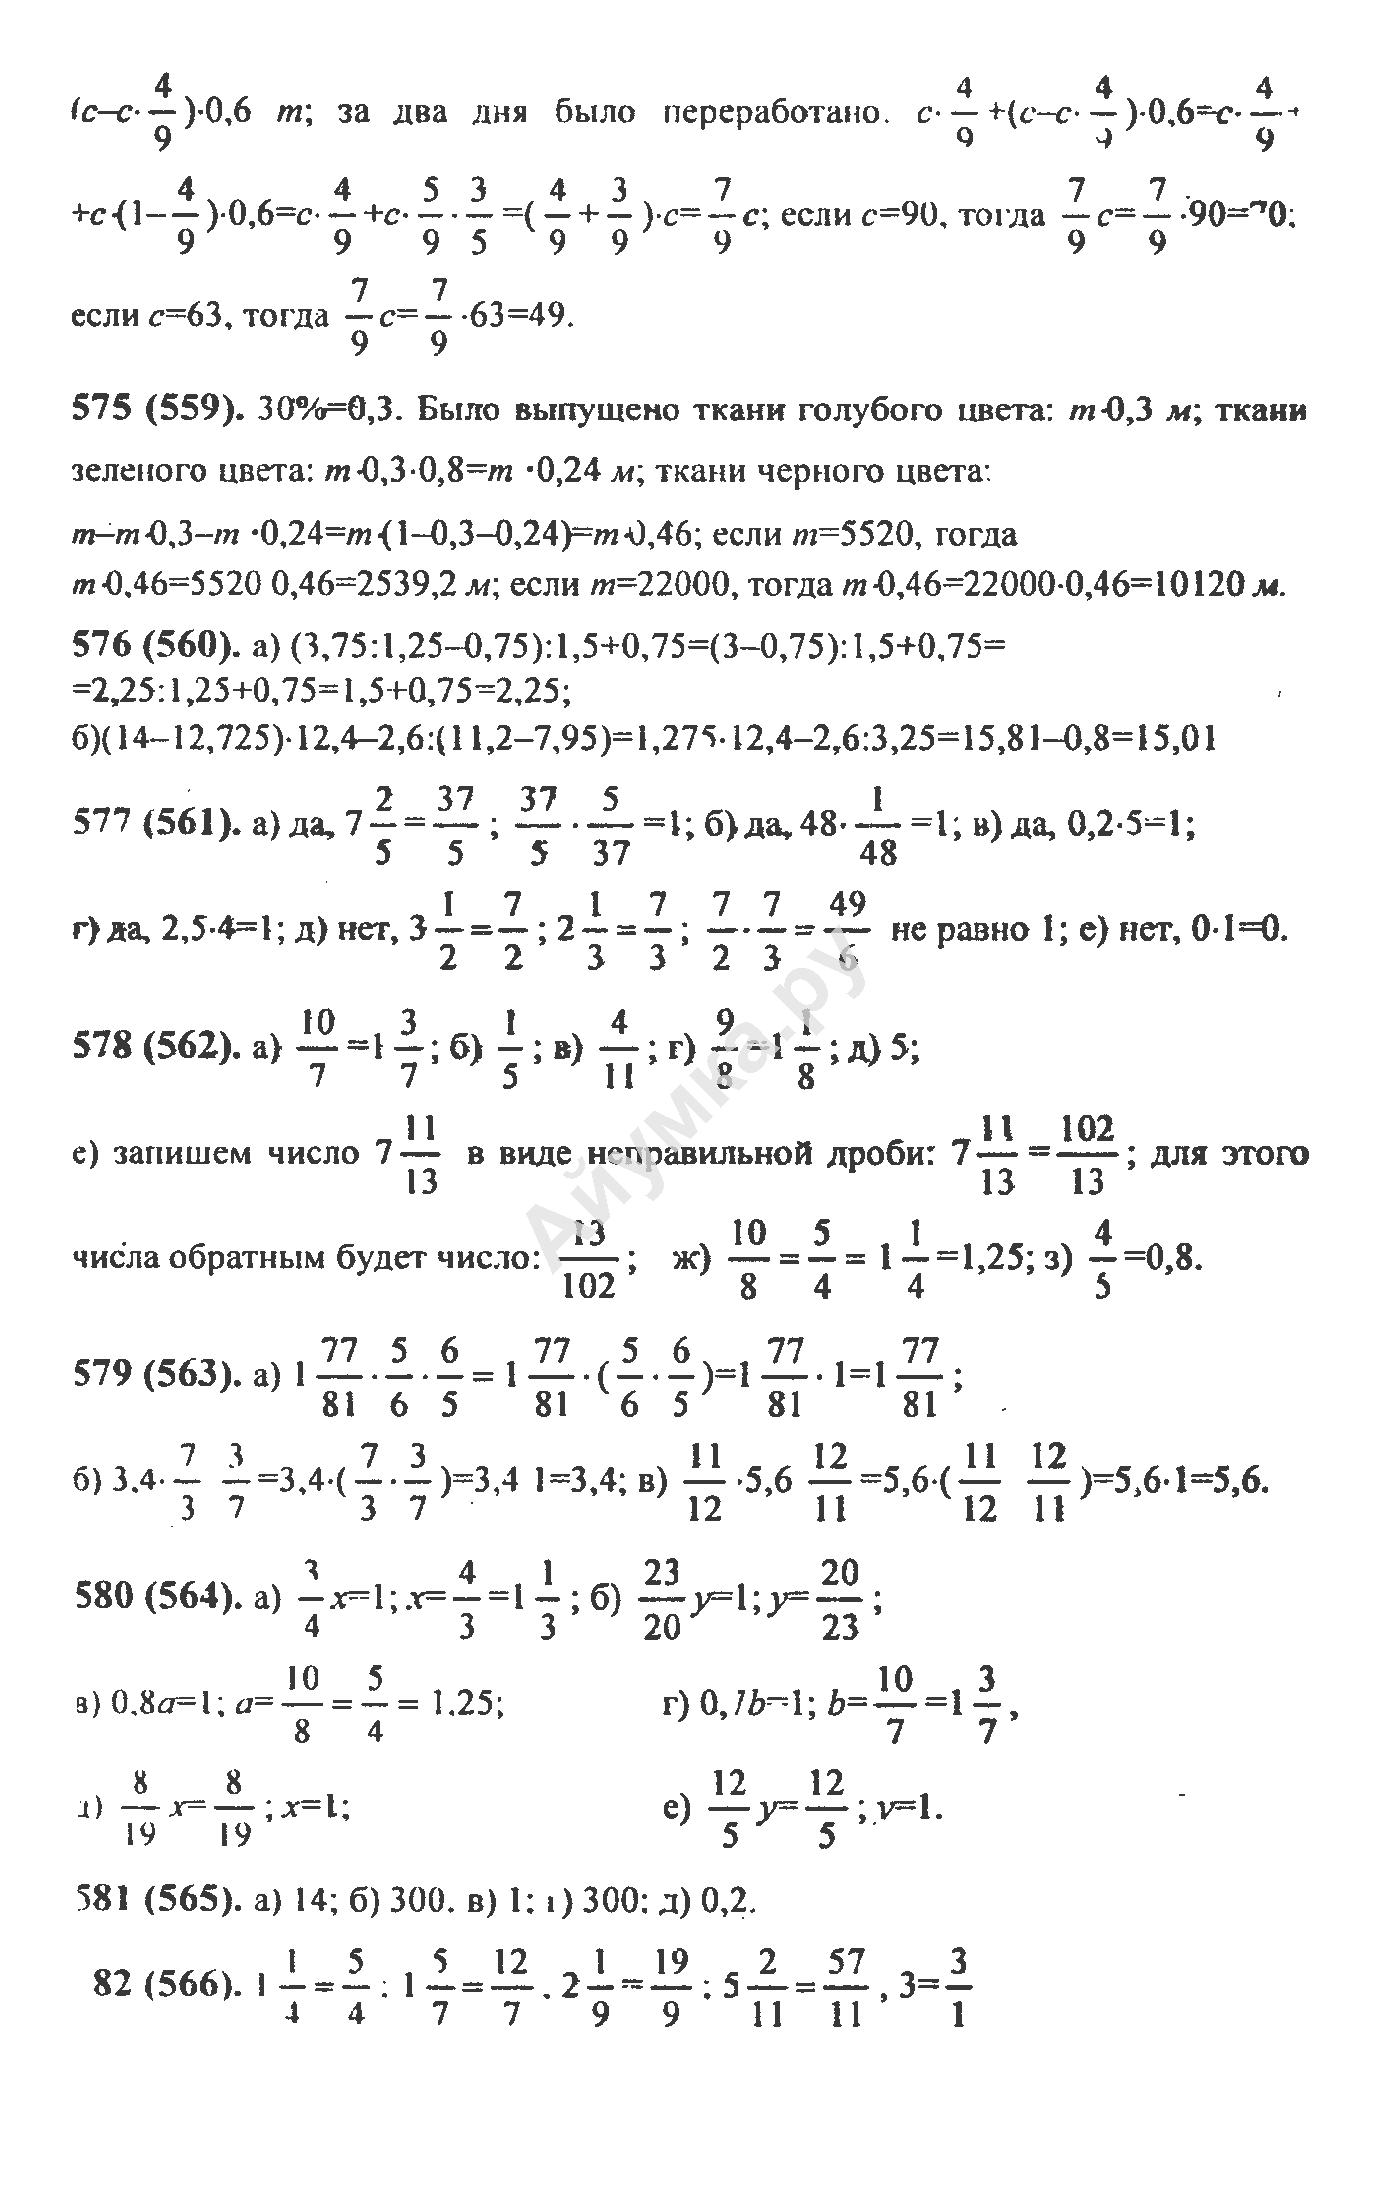 Бесплатное гдз по геометрии а.в. погорелова 10 - 11 класс